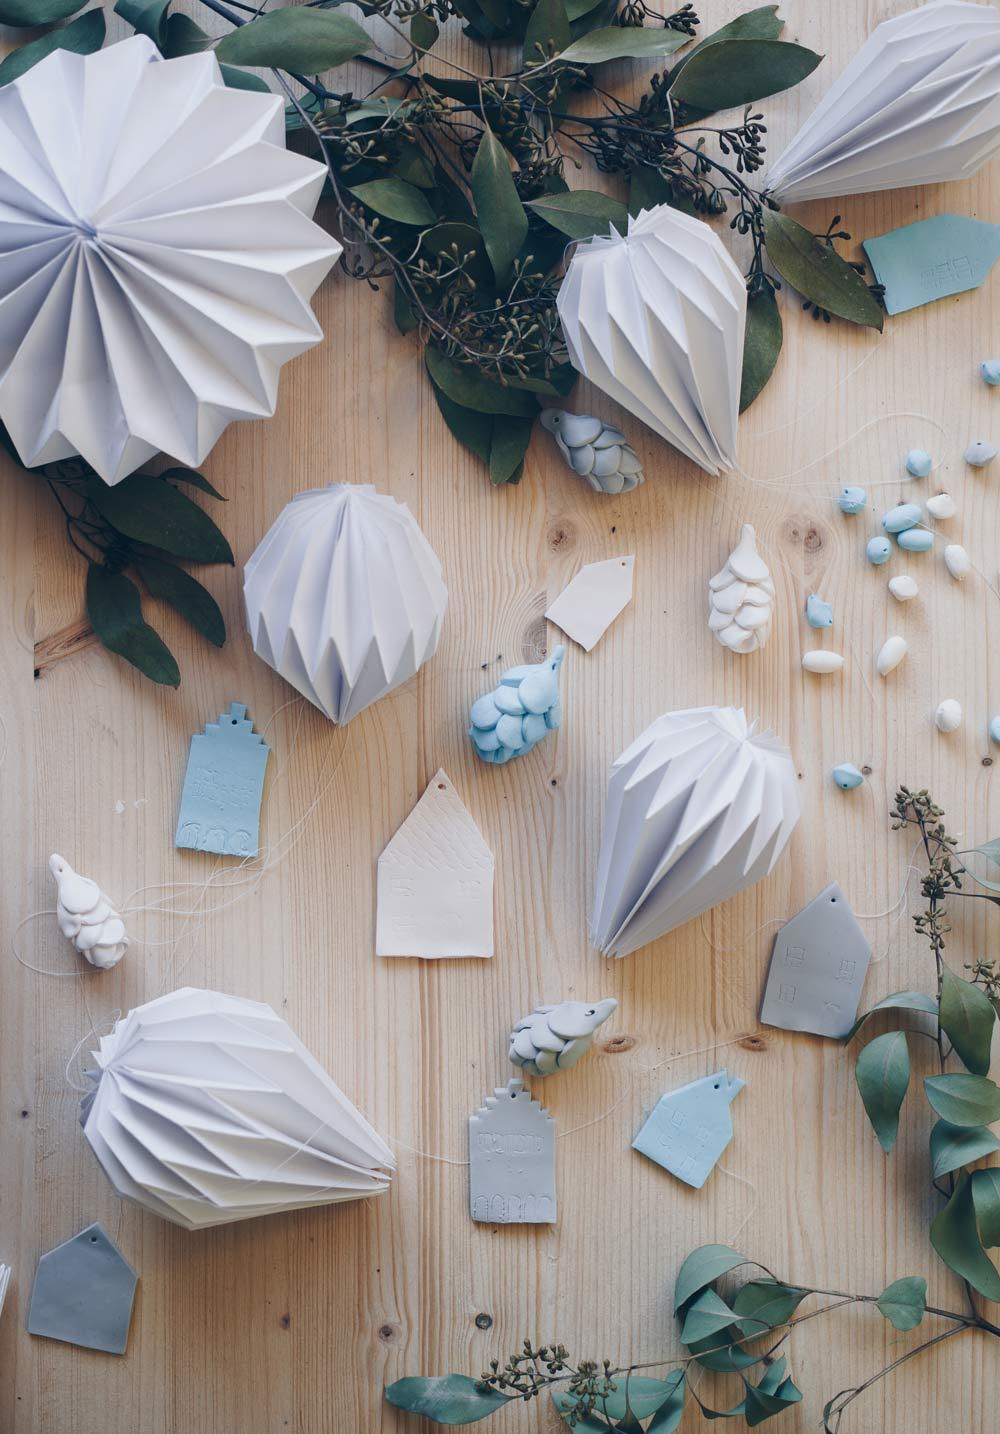 DIY Weihnachtsbaumanhänger aus Fimo selbermachen - Tannenzapfen